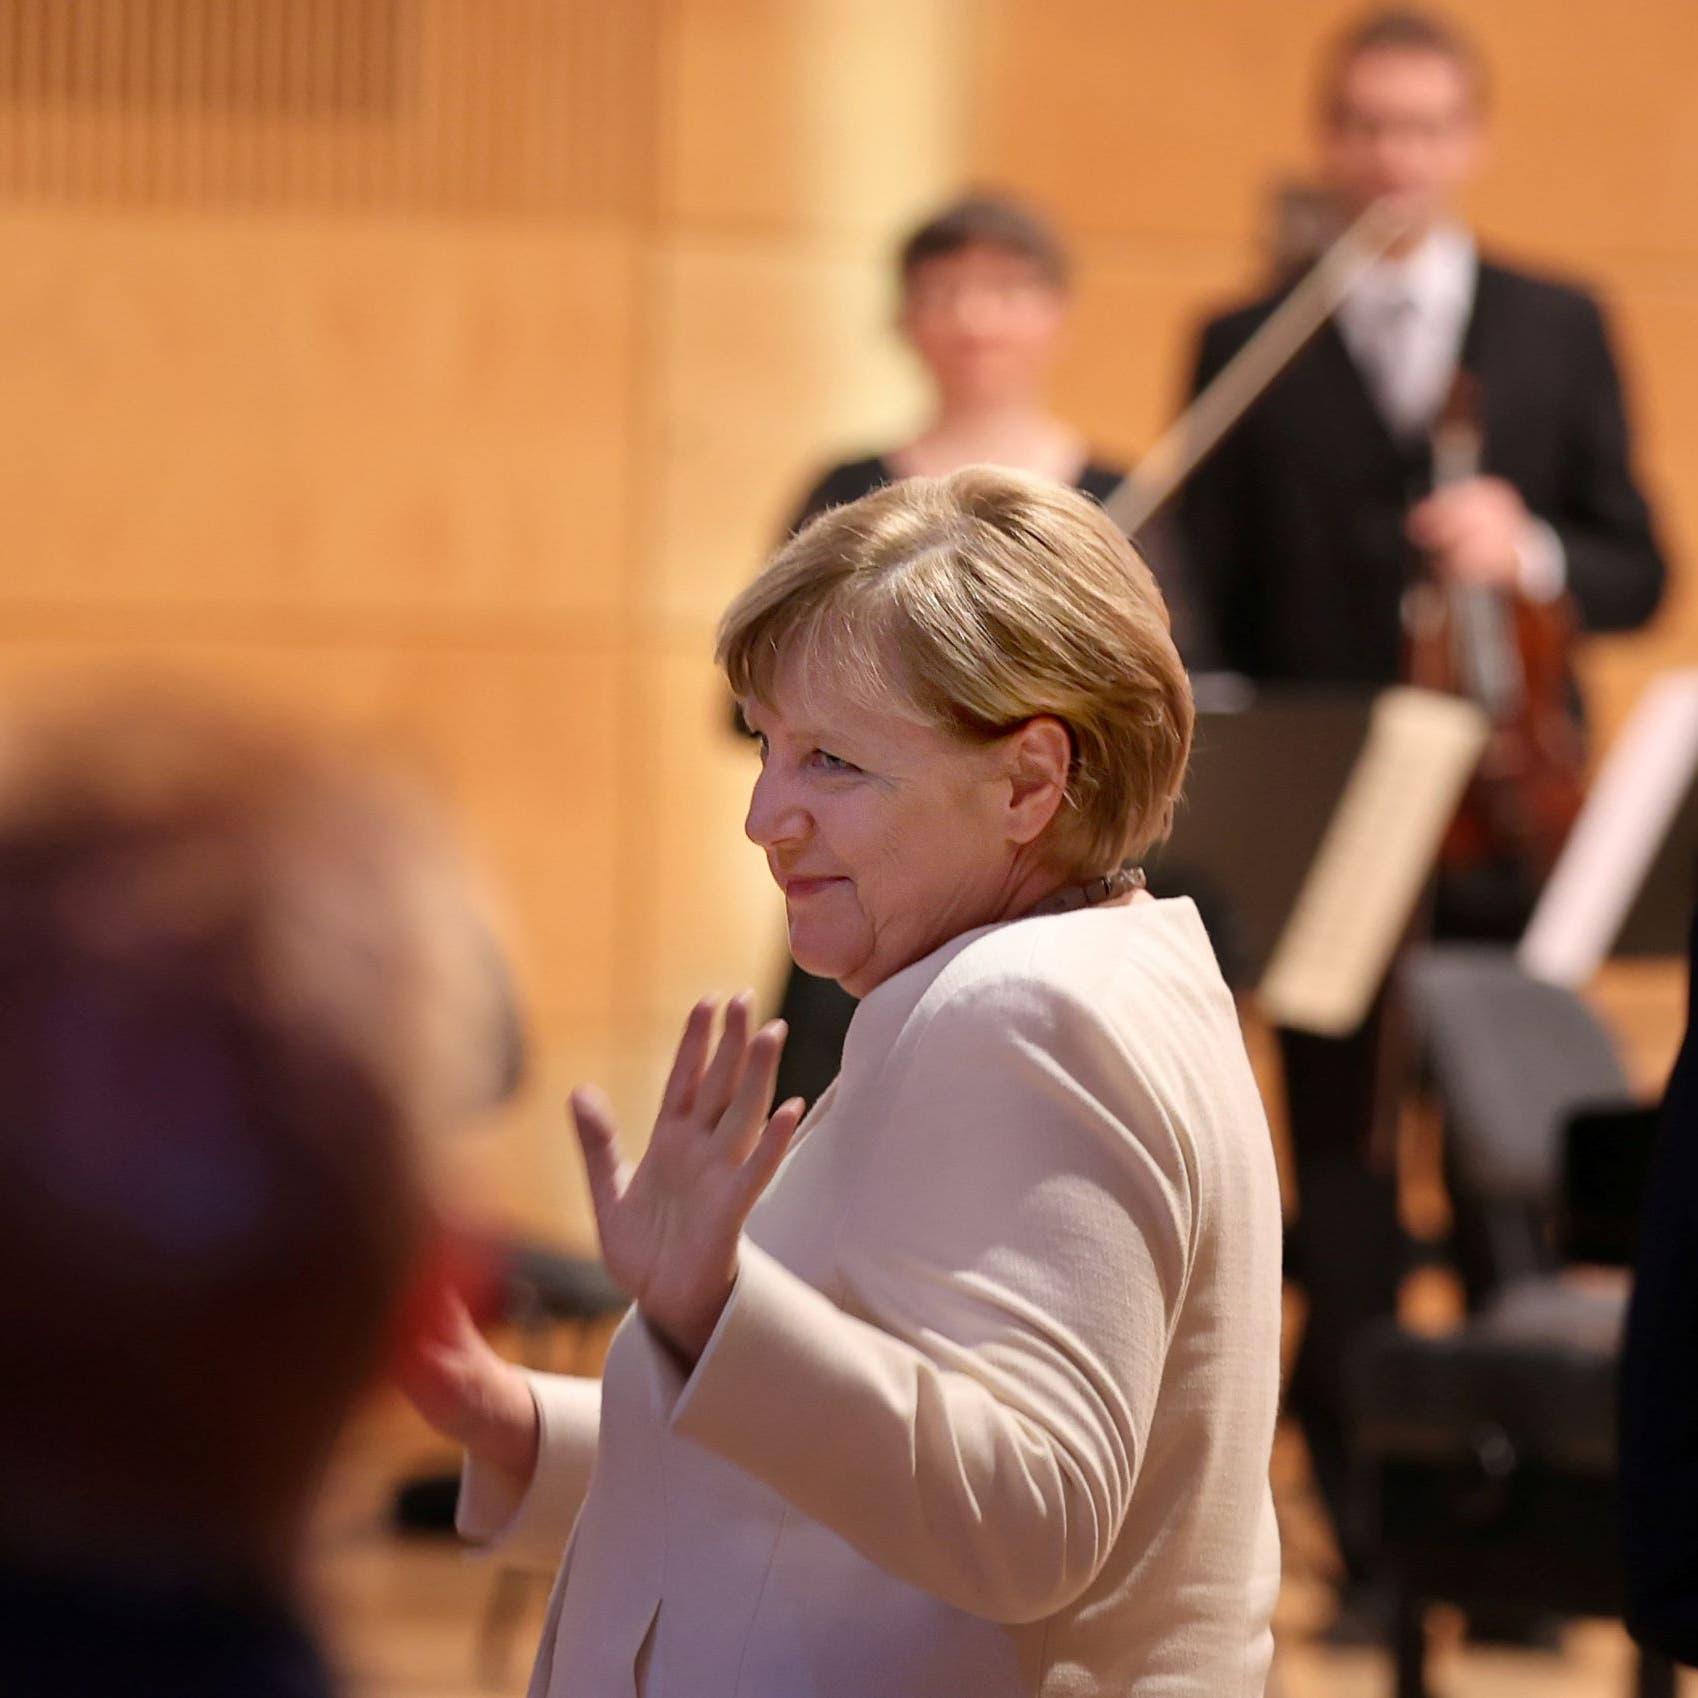 قبيل مغادرة منصبها.. ميركل توصي الألمان بالنضال لأجل الديمقراطية